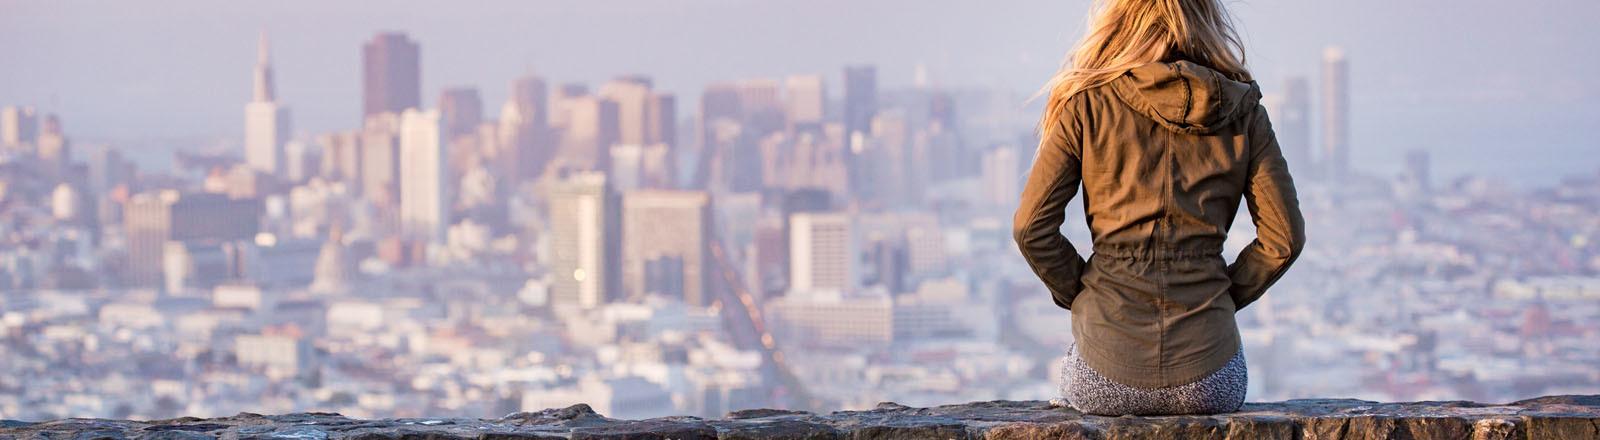 Eine Frau schaut von einer Mauer auf einem Berg auf eine Stadt herab.